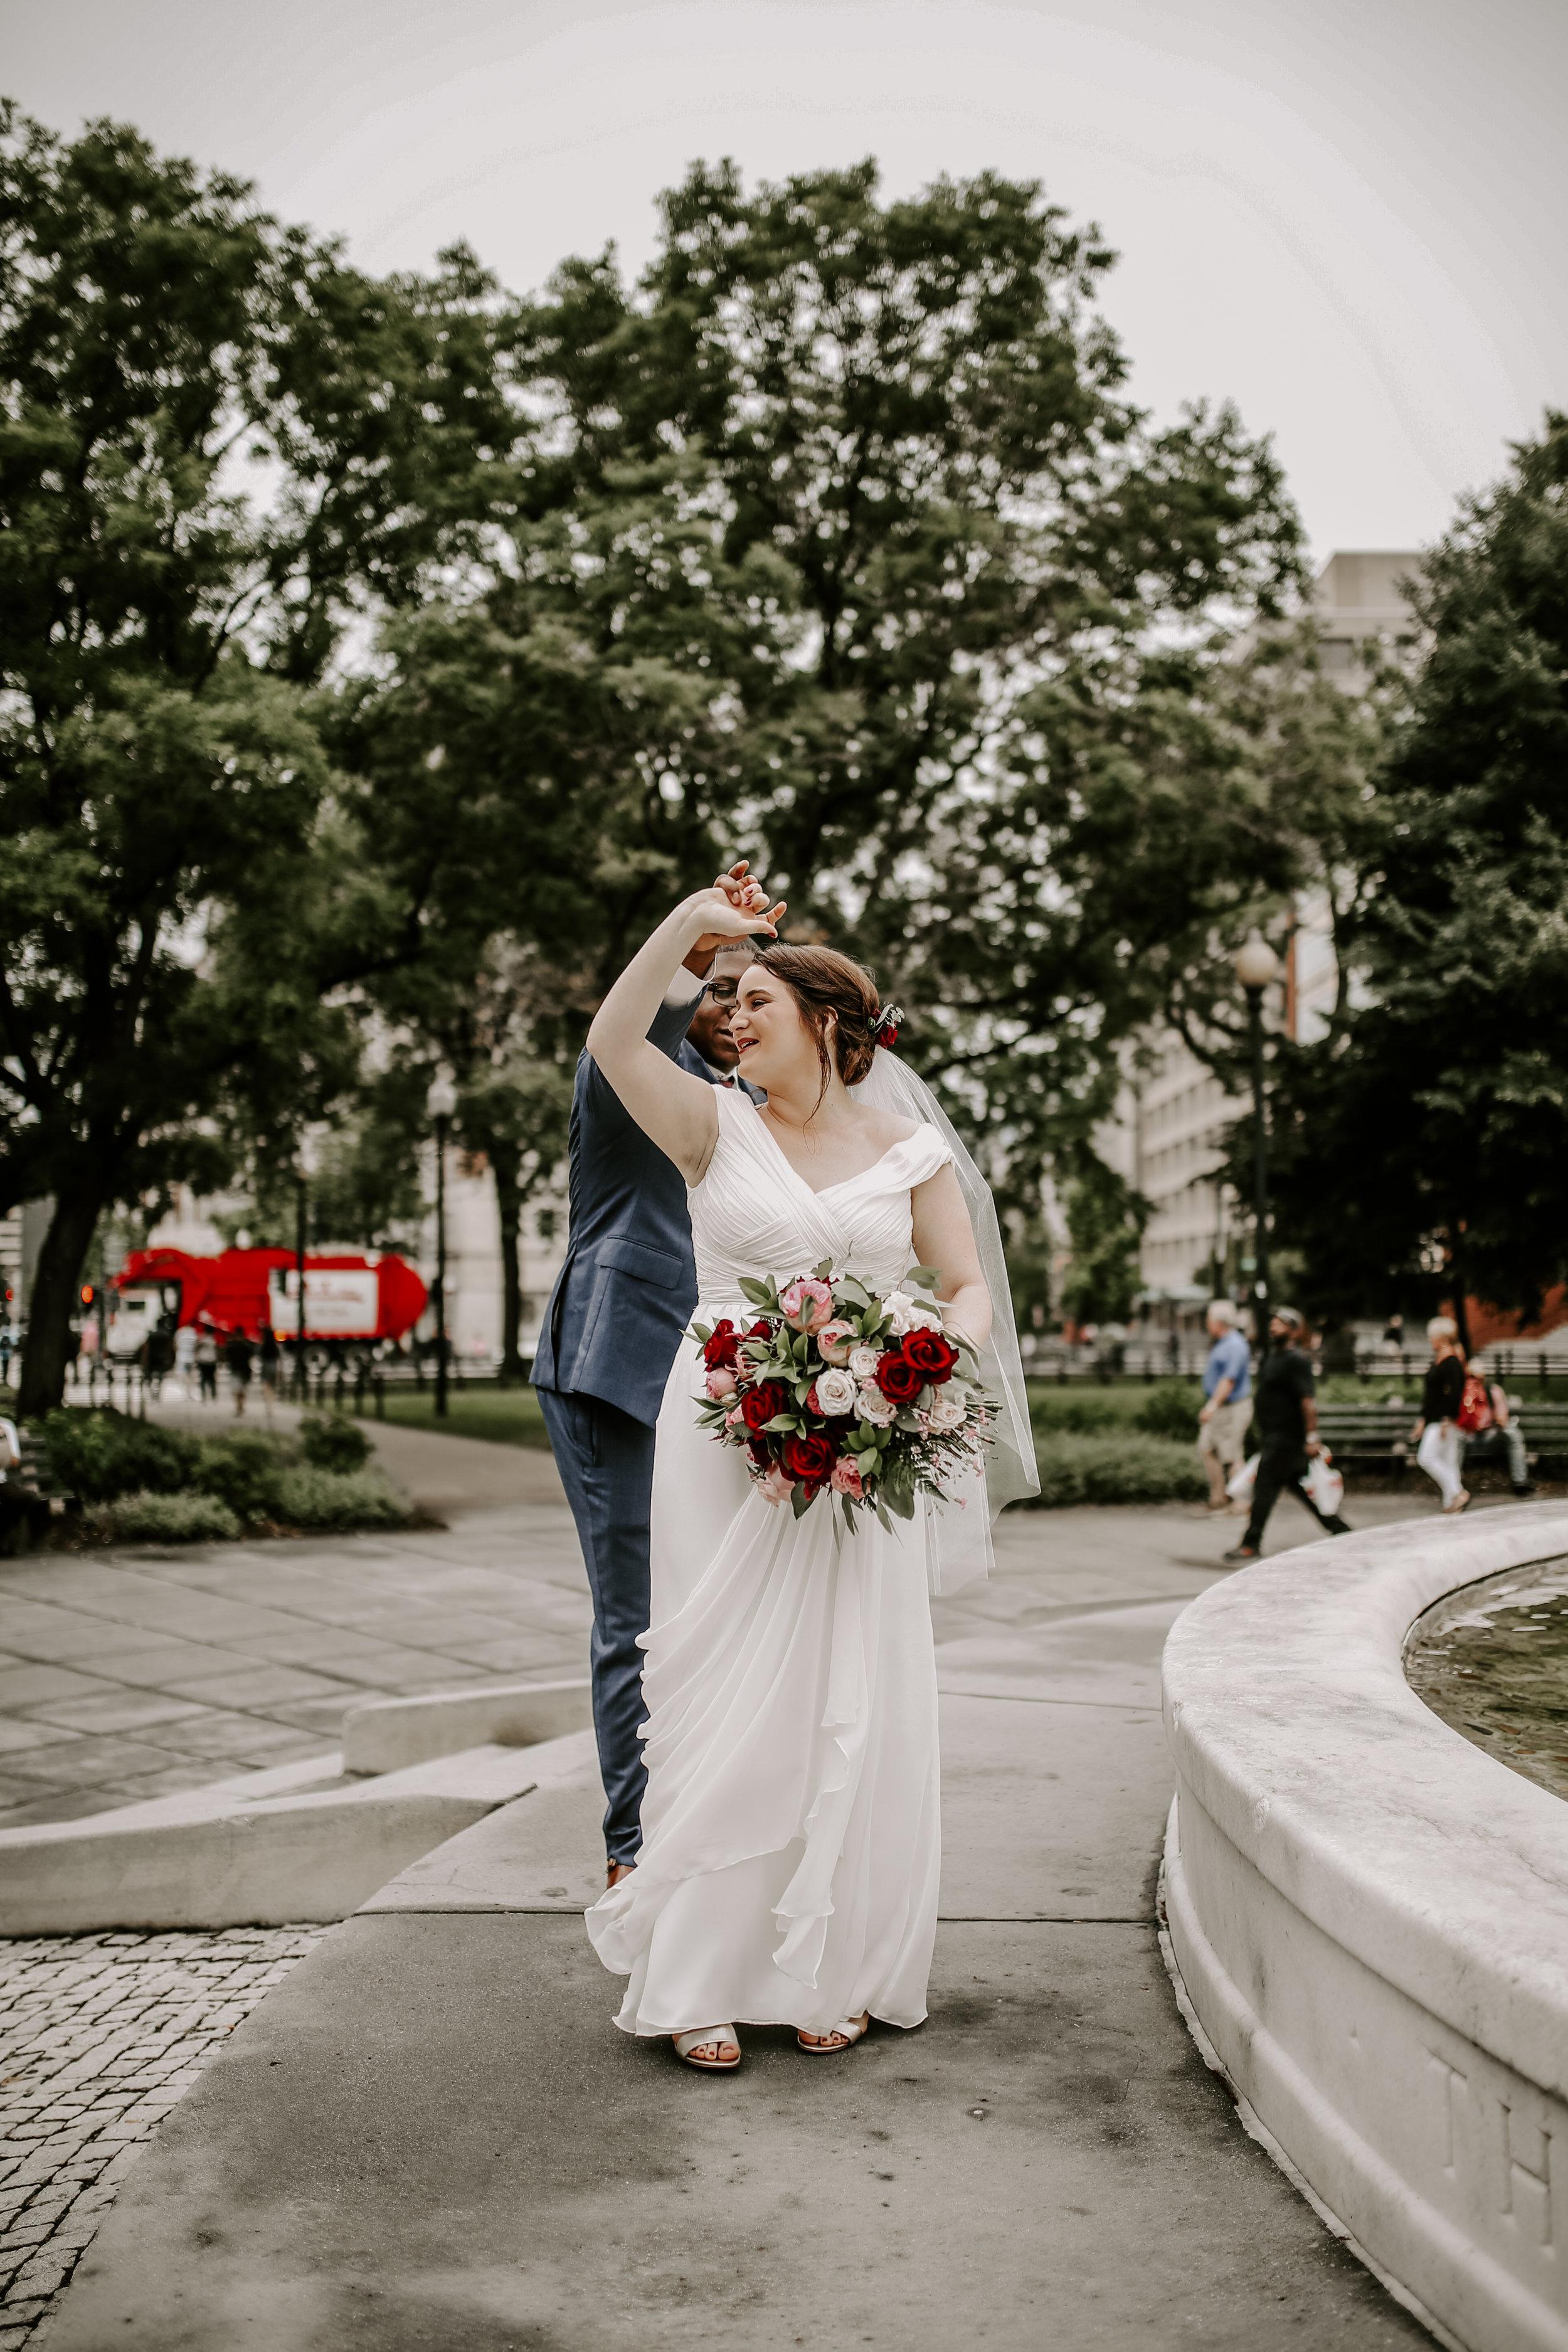 SarahRon_Married_2018-85.jpg